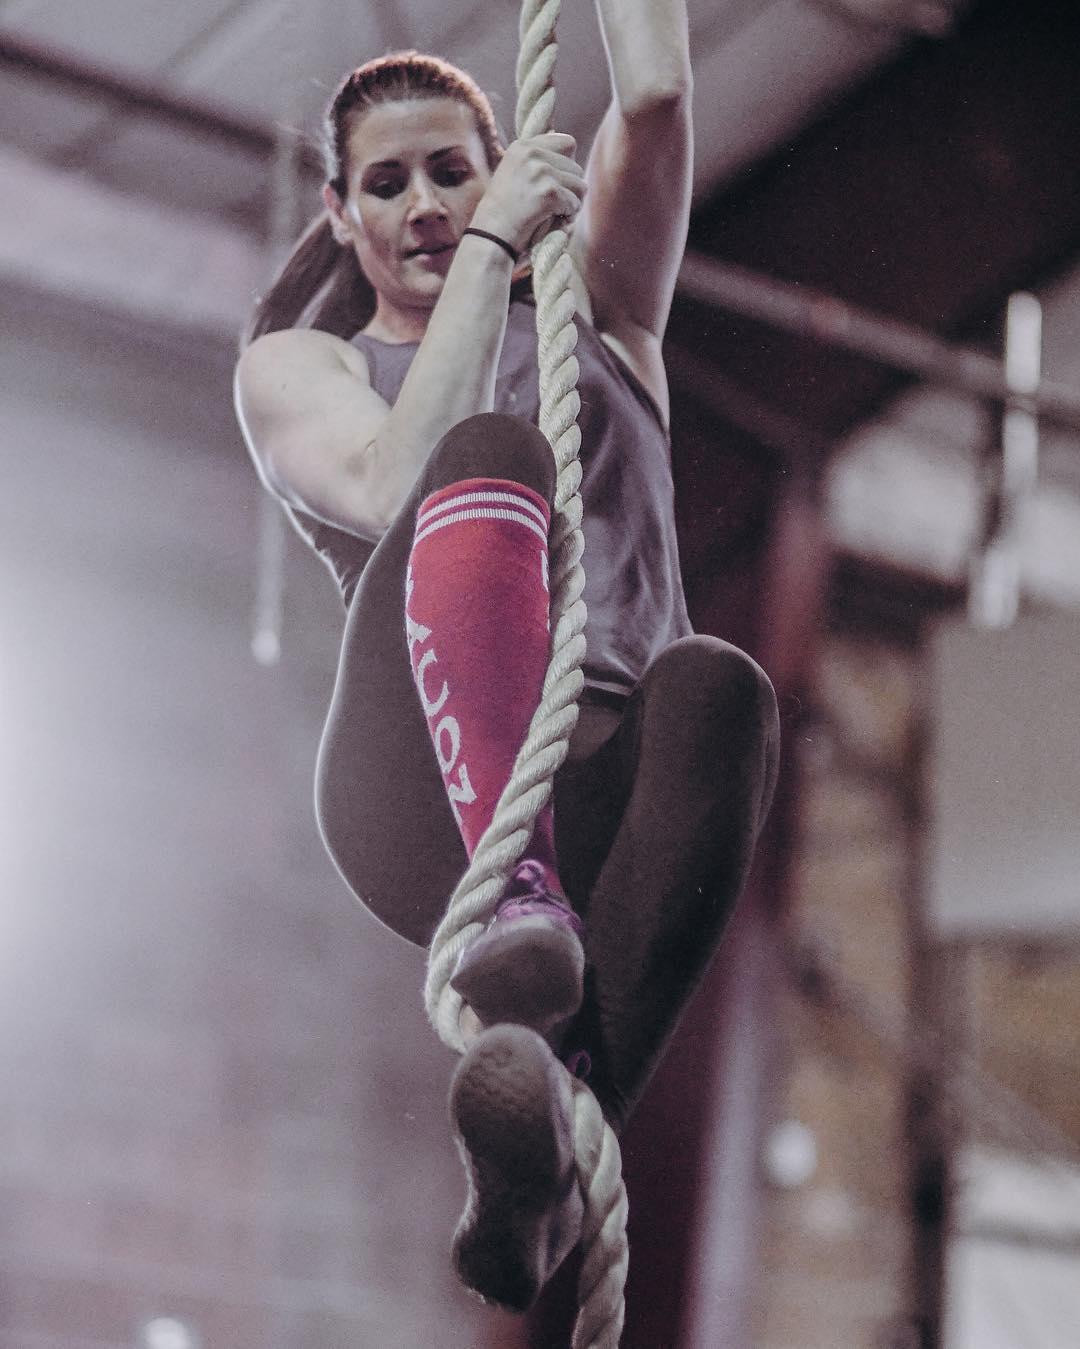 Always climbing higher.